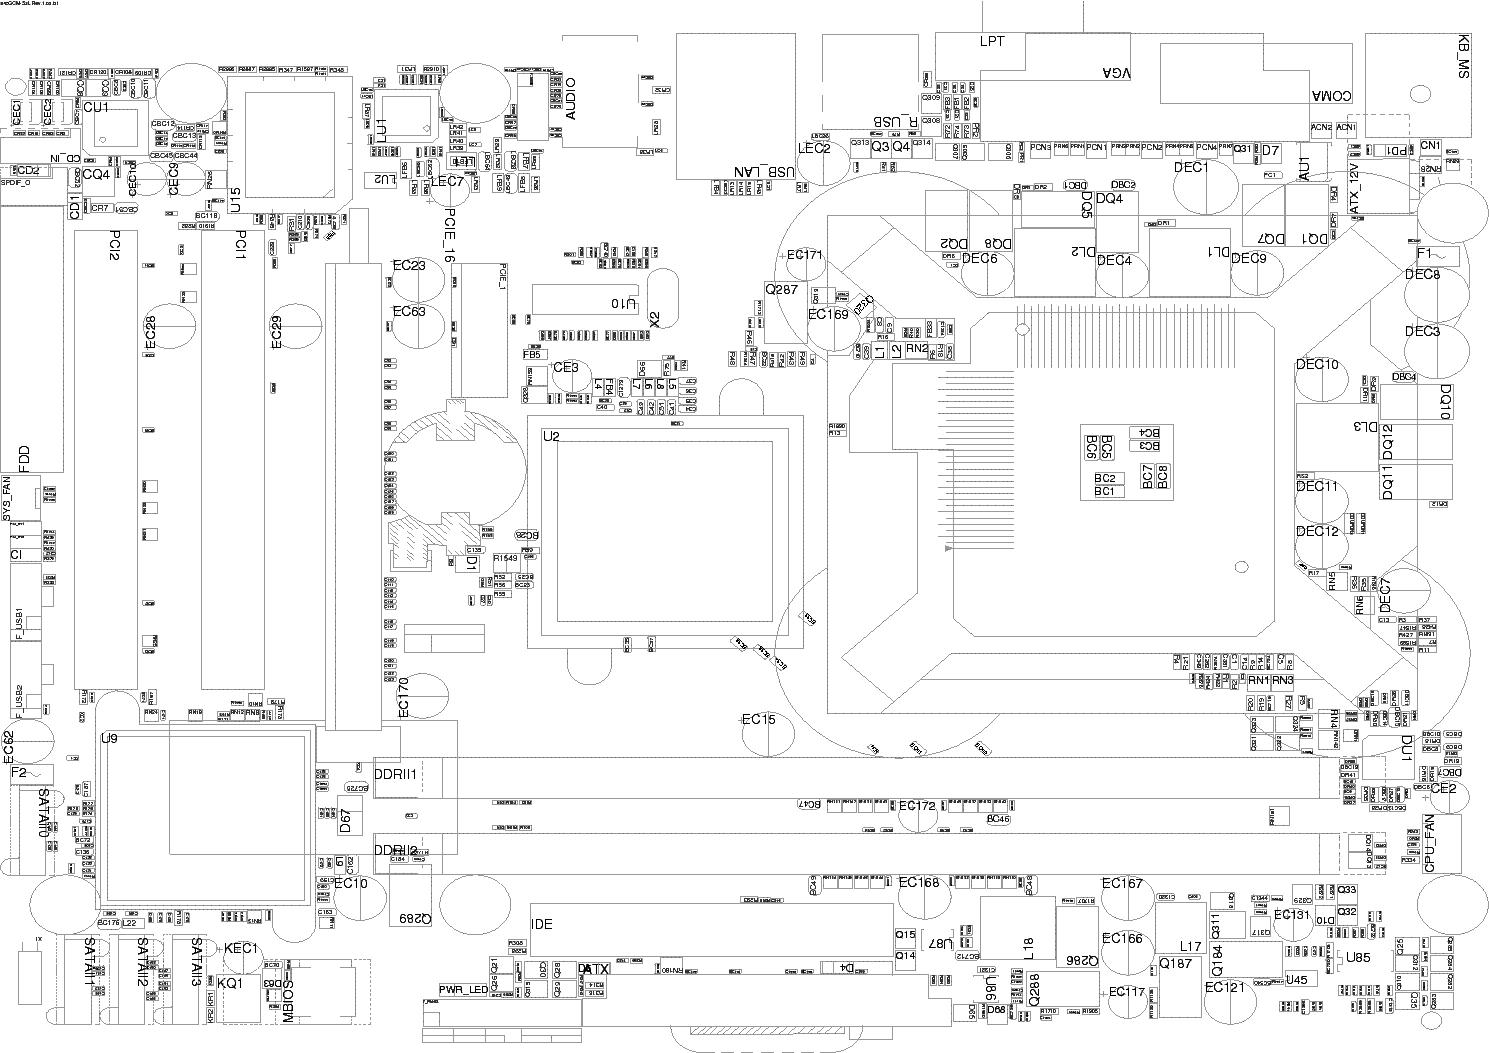 Gigabyte GA-945GCM-S2 Rev 3.x Driver for Windows 10